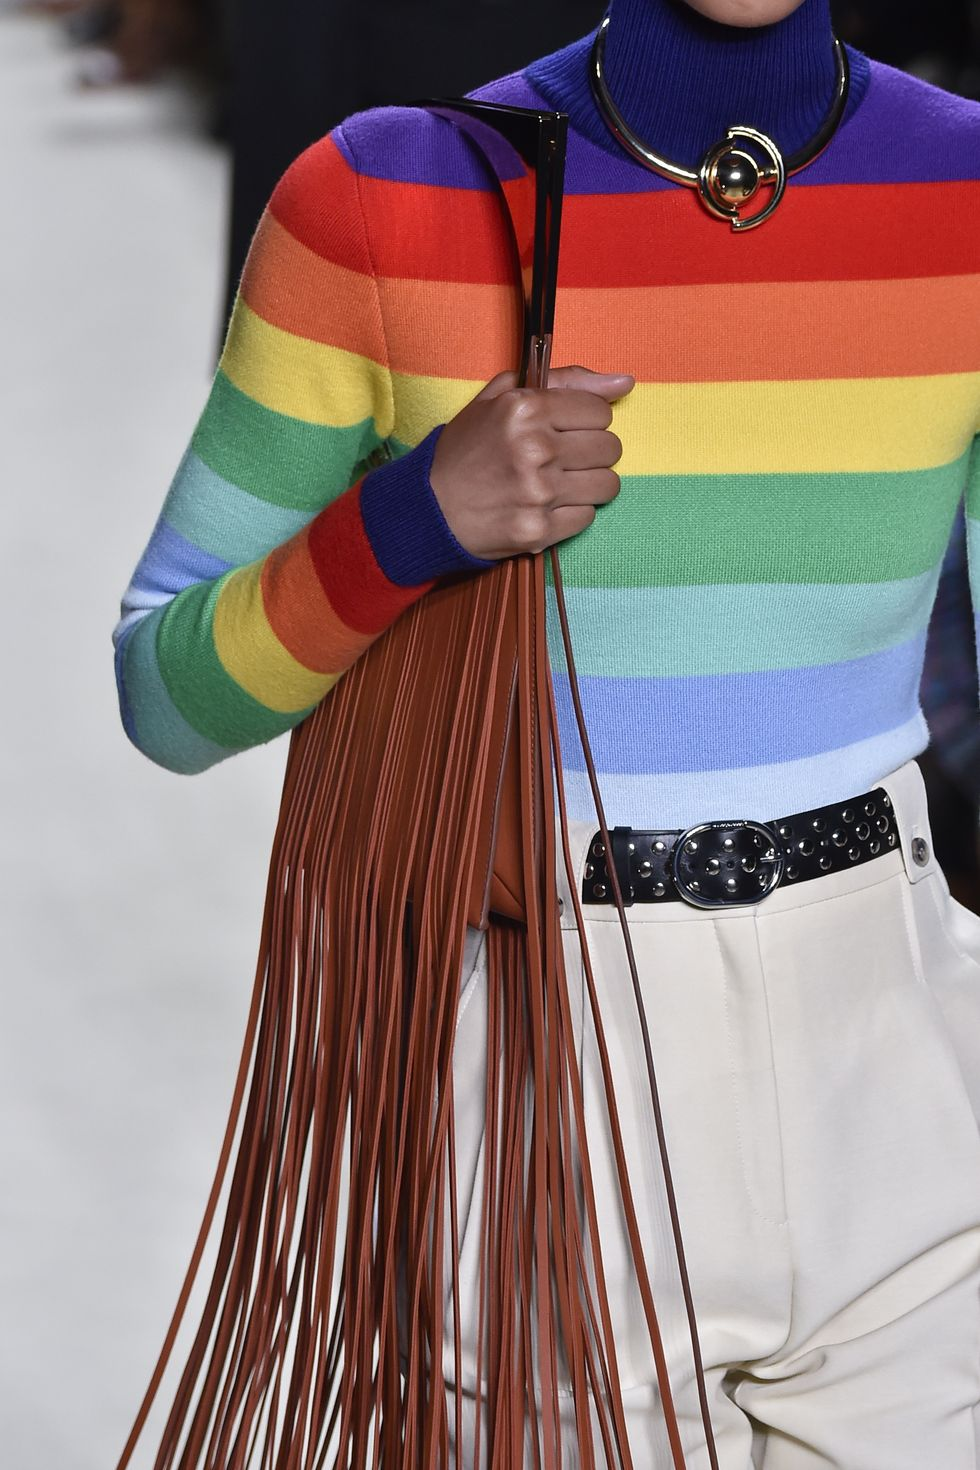 Trên các sàn diễn thời trang gần đây, nhiều nhà mốt như Chloé, Paco Rabanne, Loewe... đã cho ra mắt mẫu túi xách tua rua được thiết kế bằng da. Điều khác biệt chính là phần tua rua được cắt dài hơn so với trước đây. Phong cách này khiến người mặc liên tưởng tới những lễ hội âm nhạc mùa hè sôi động.